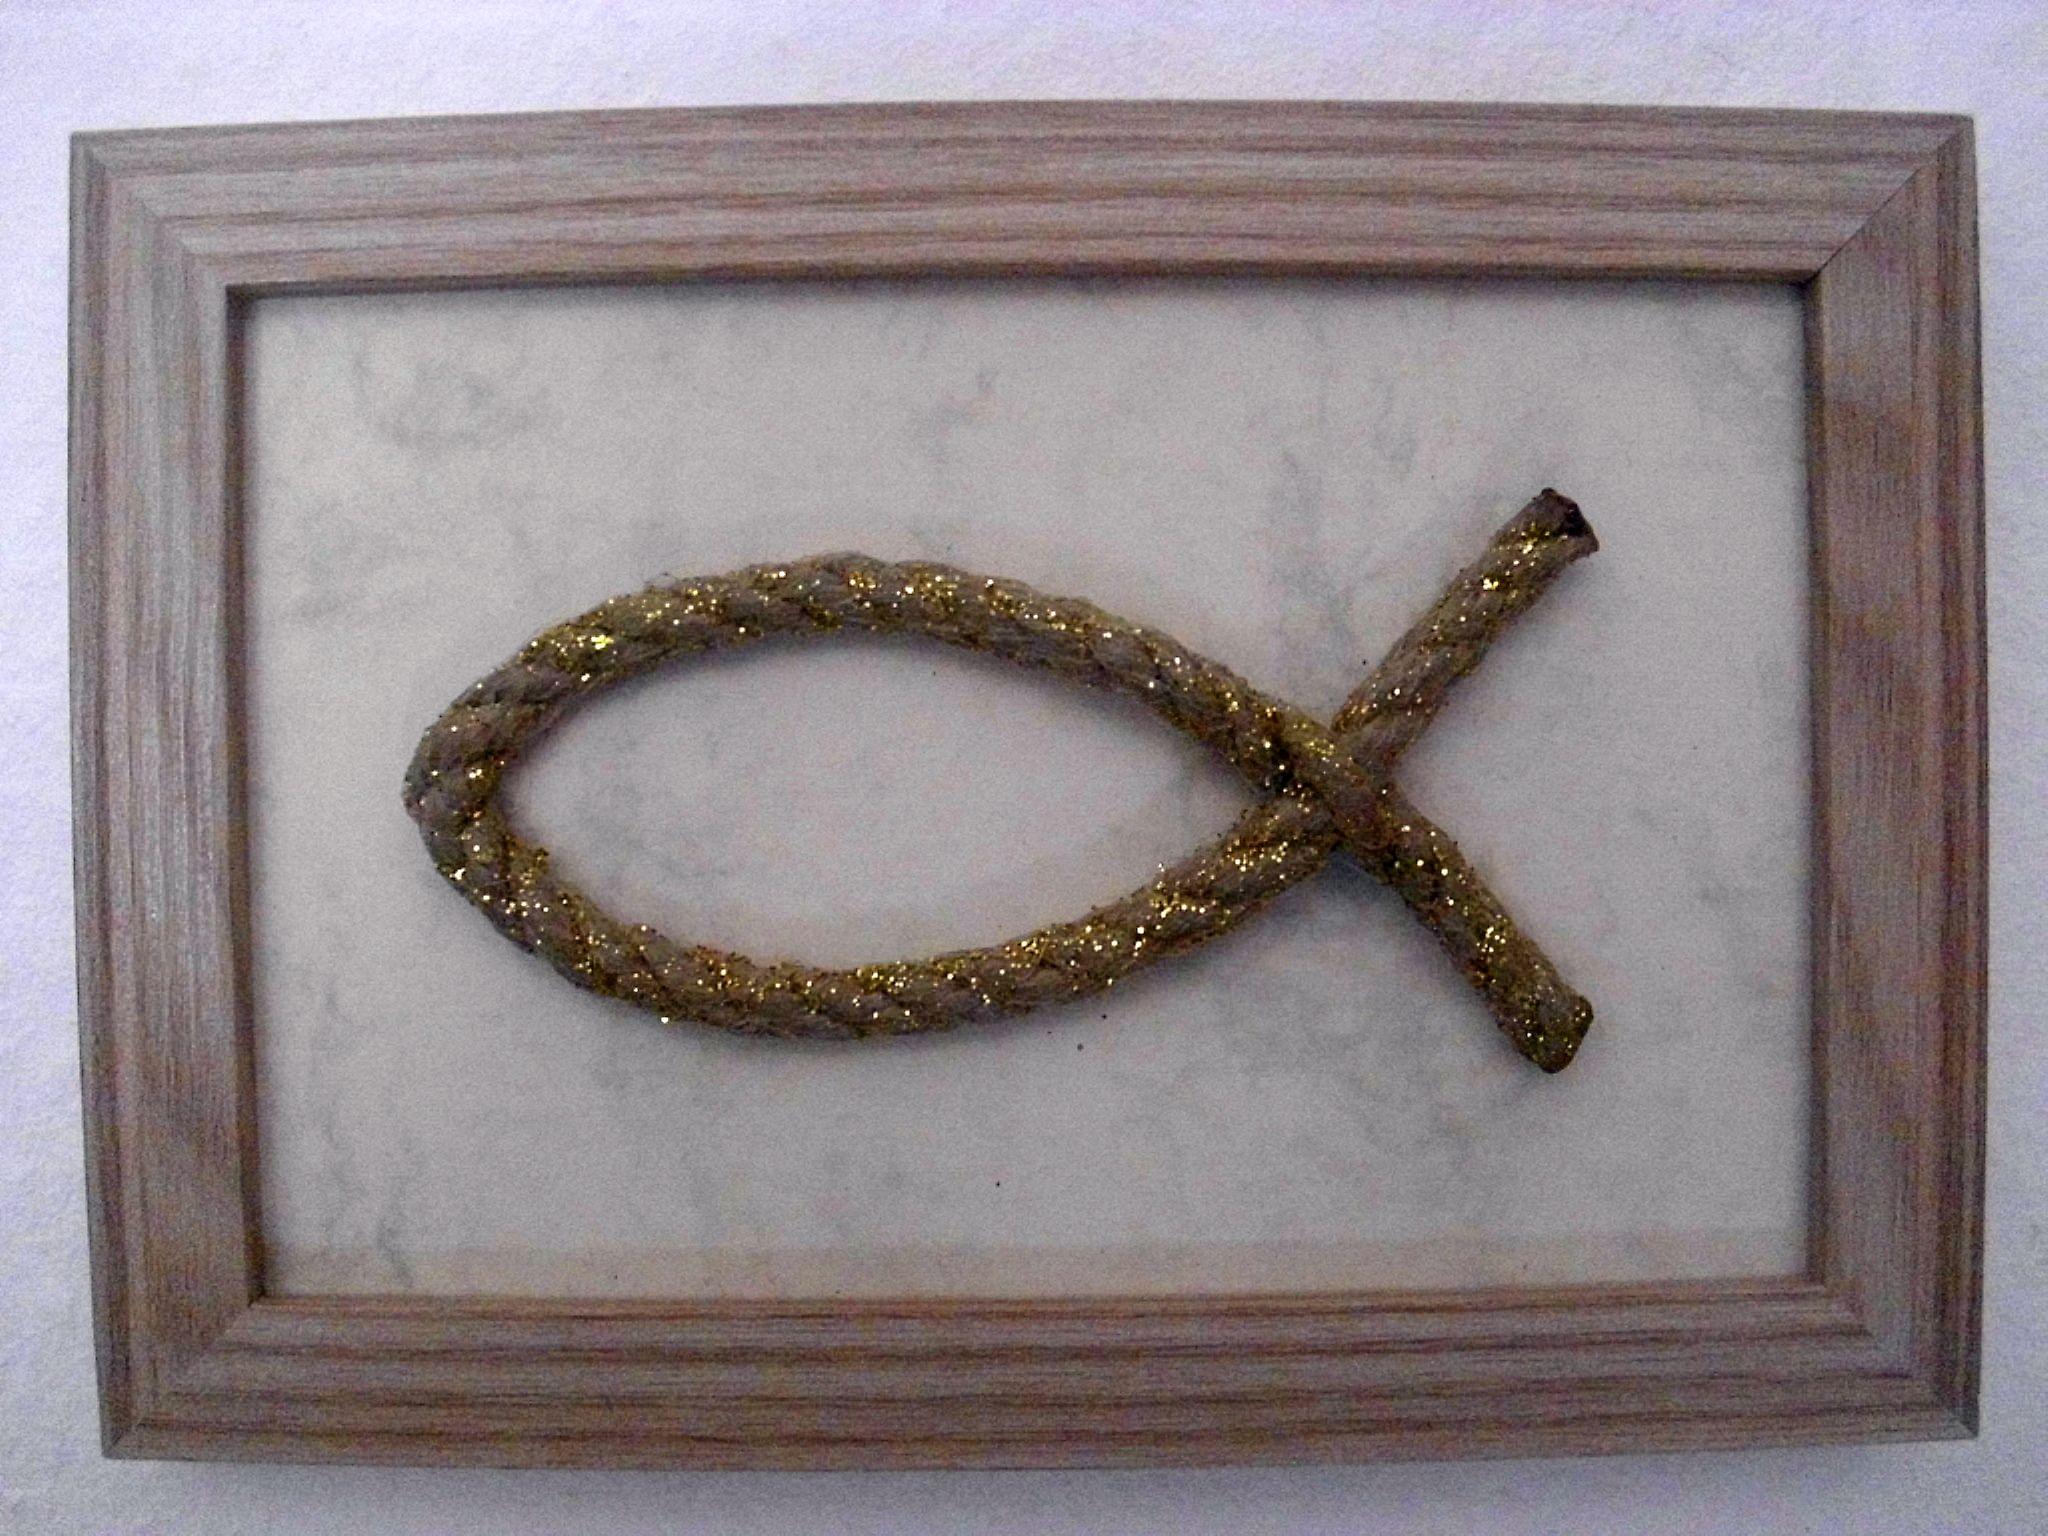 Fisch, 6 mm Kunstfaserseil in Hanfoptik mit Goldflitter, gerahmt, 9,95 €; Best.Nr. 011